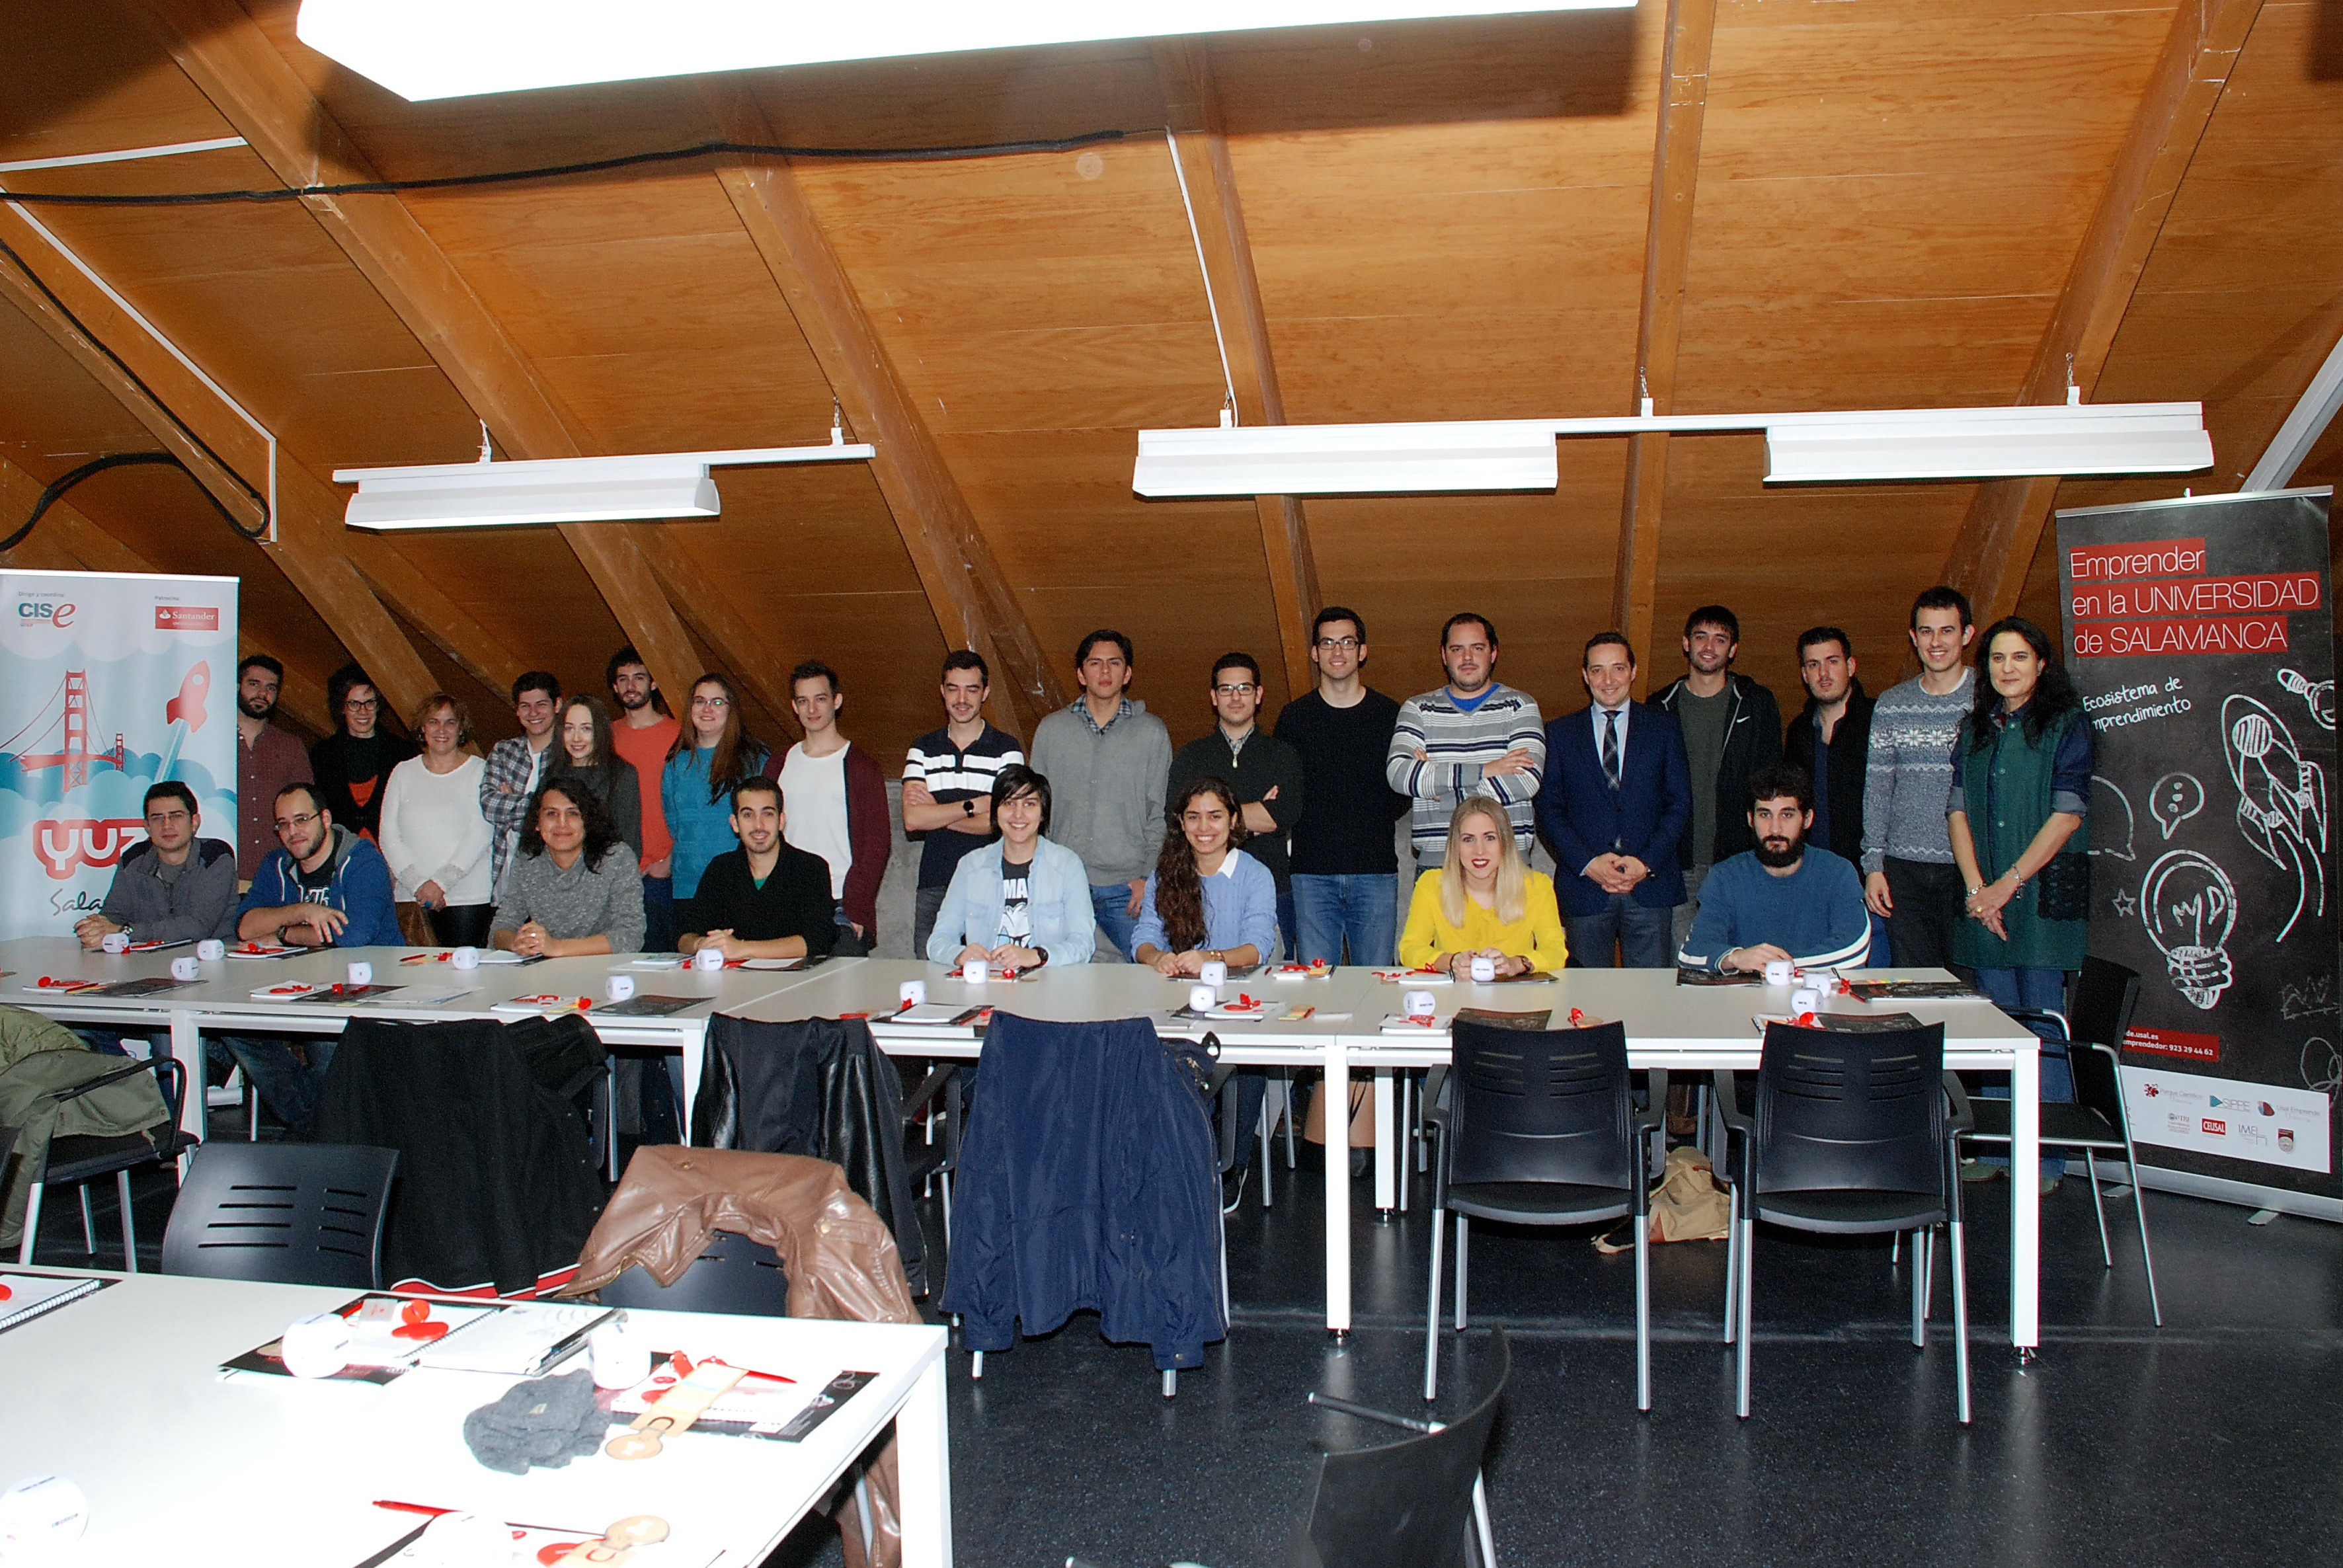 La Universidad de Salamanca participa en la VII edición del concurso YUZZ 'Jóvenes con Ideas'